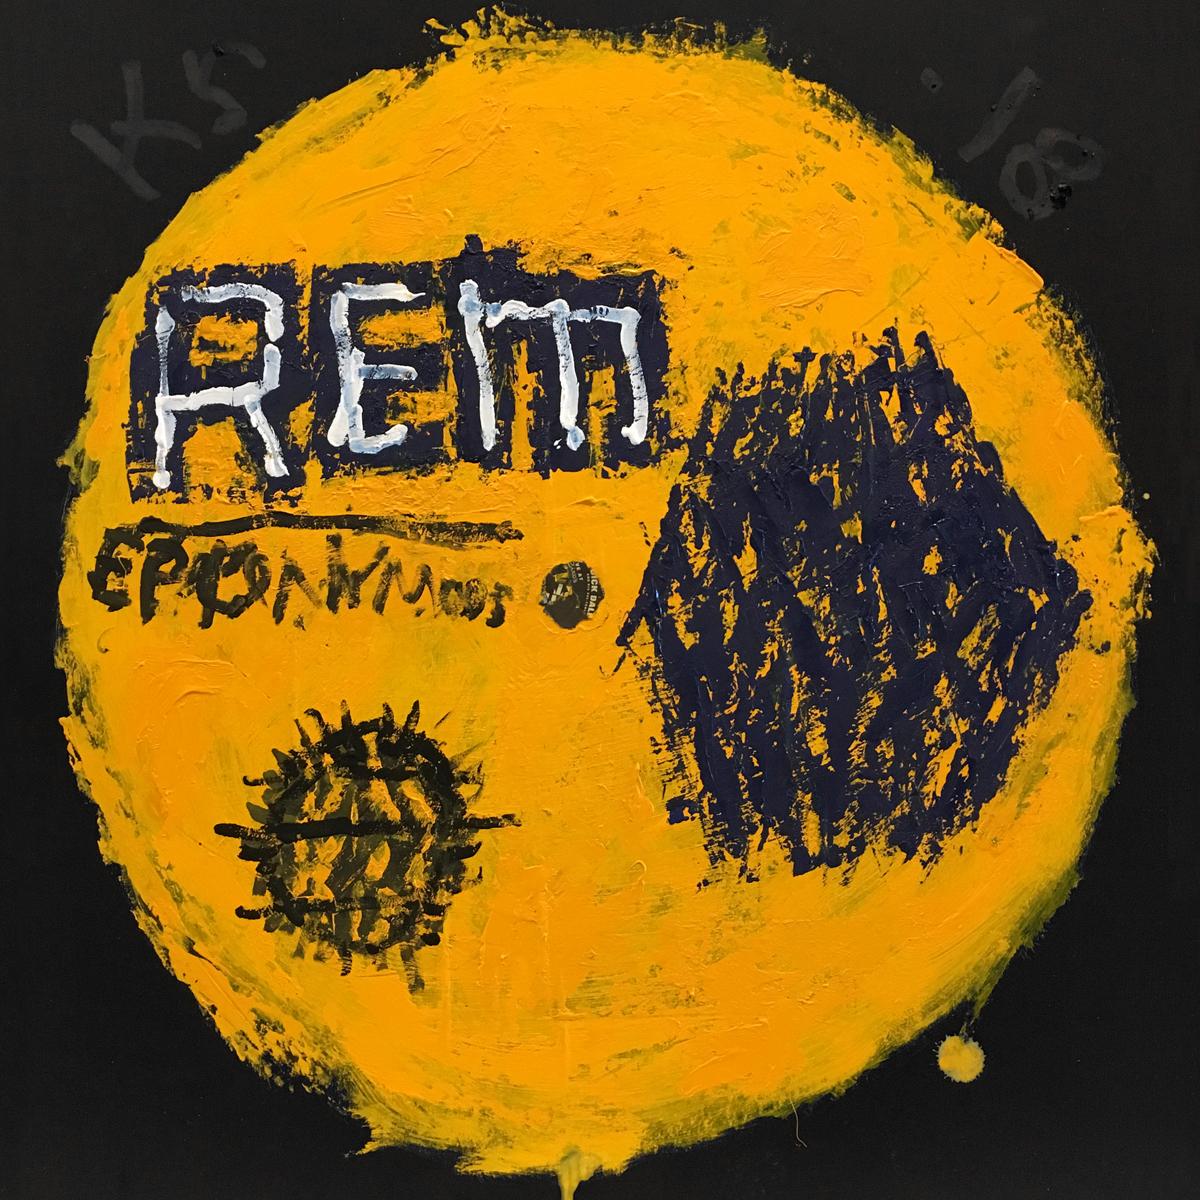 REM / Eponymous